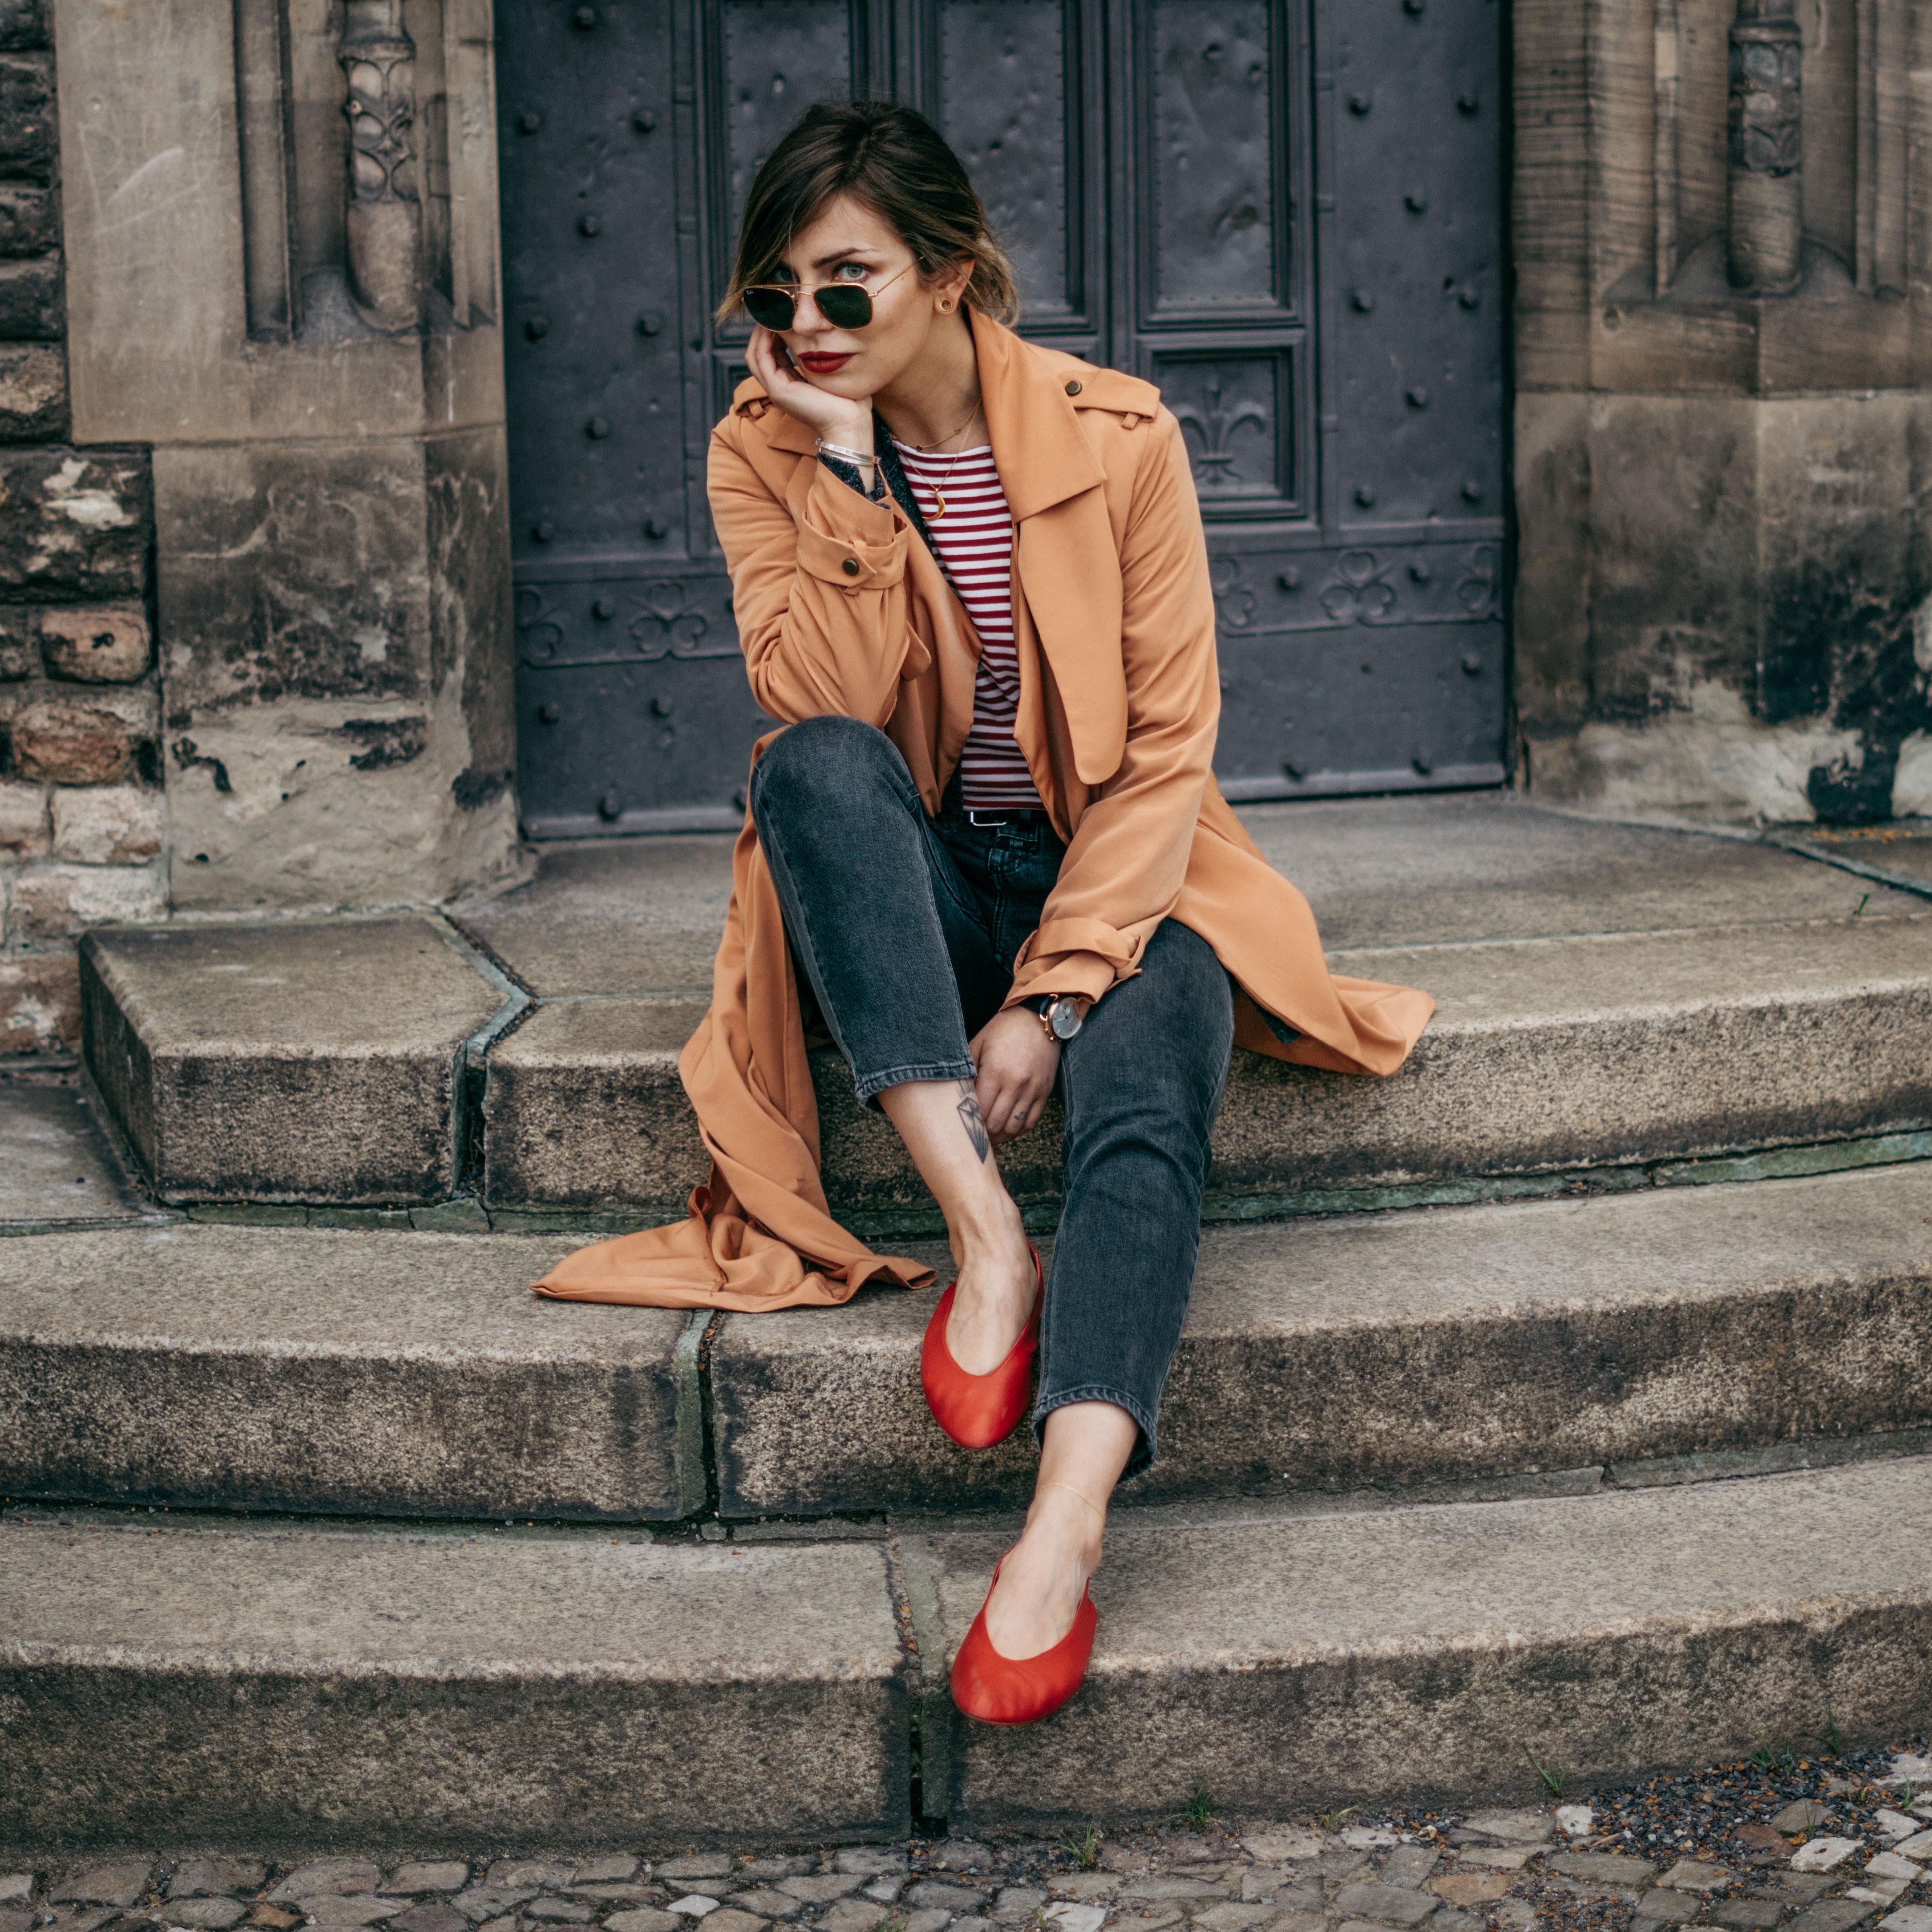 Повседневный образ в Берлине | уличный стиль: простой,  основной, синие джинсы, легкие, весна